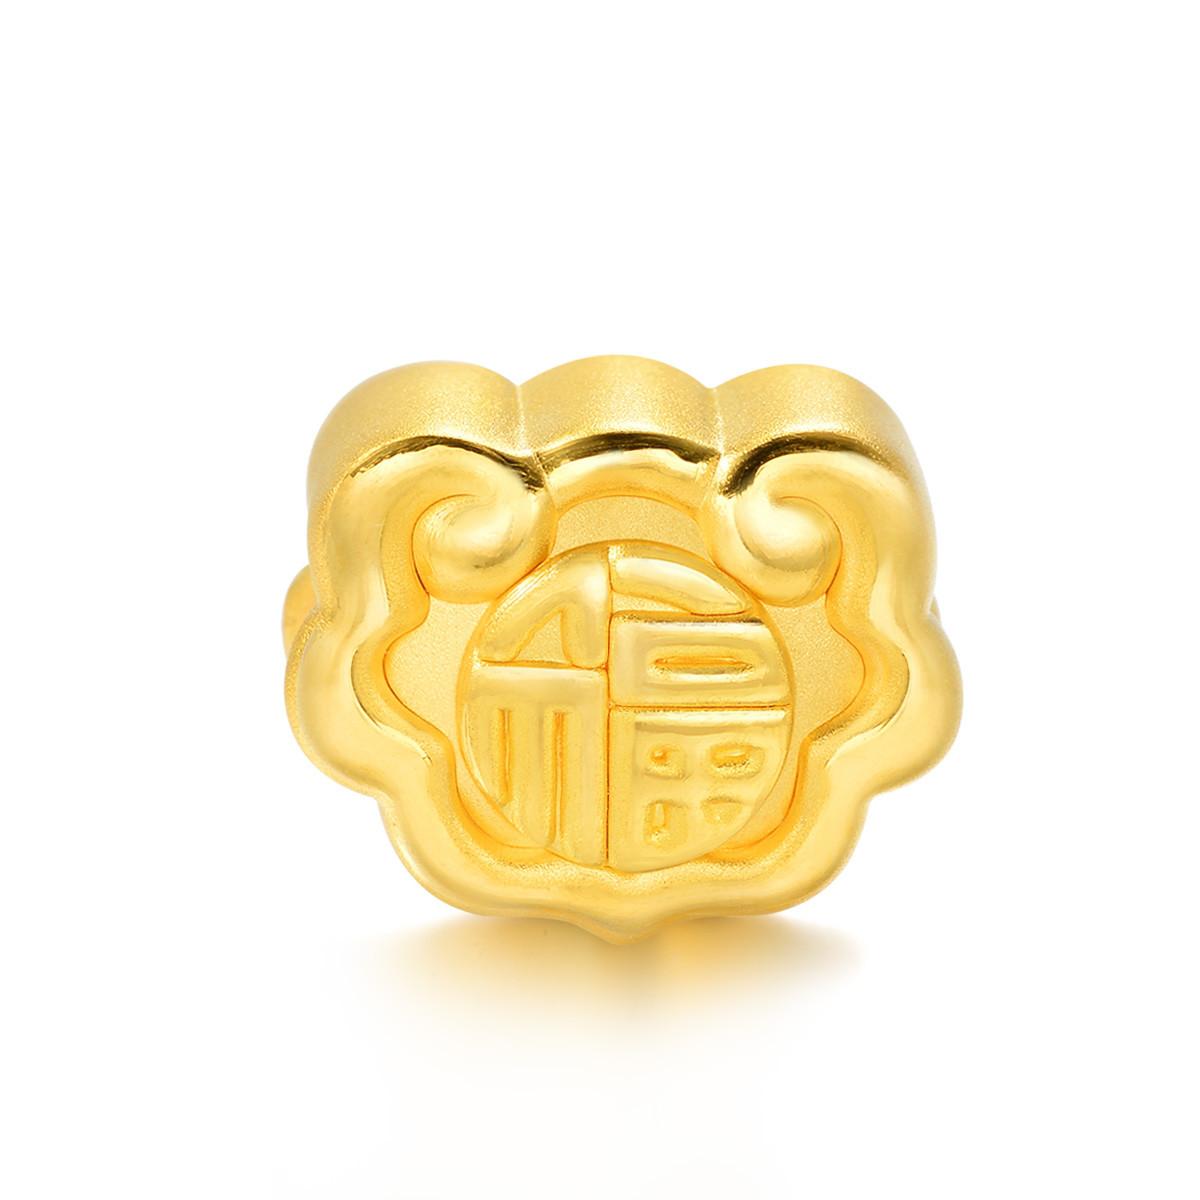 周生生周生生福字如意黄金转运珠项链吊坠(配绳需另购)B86338p如图